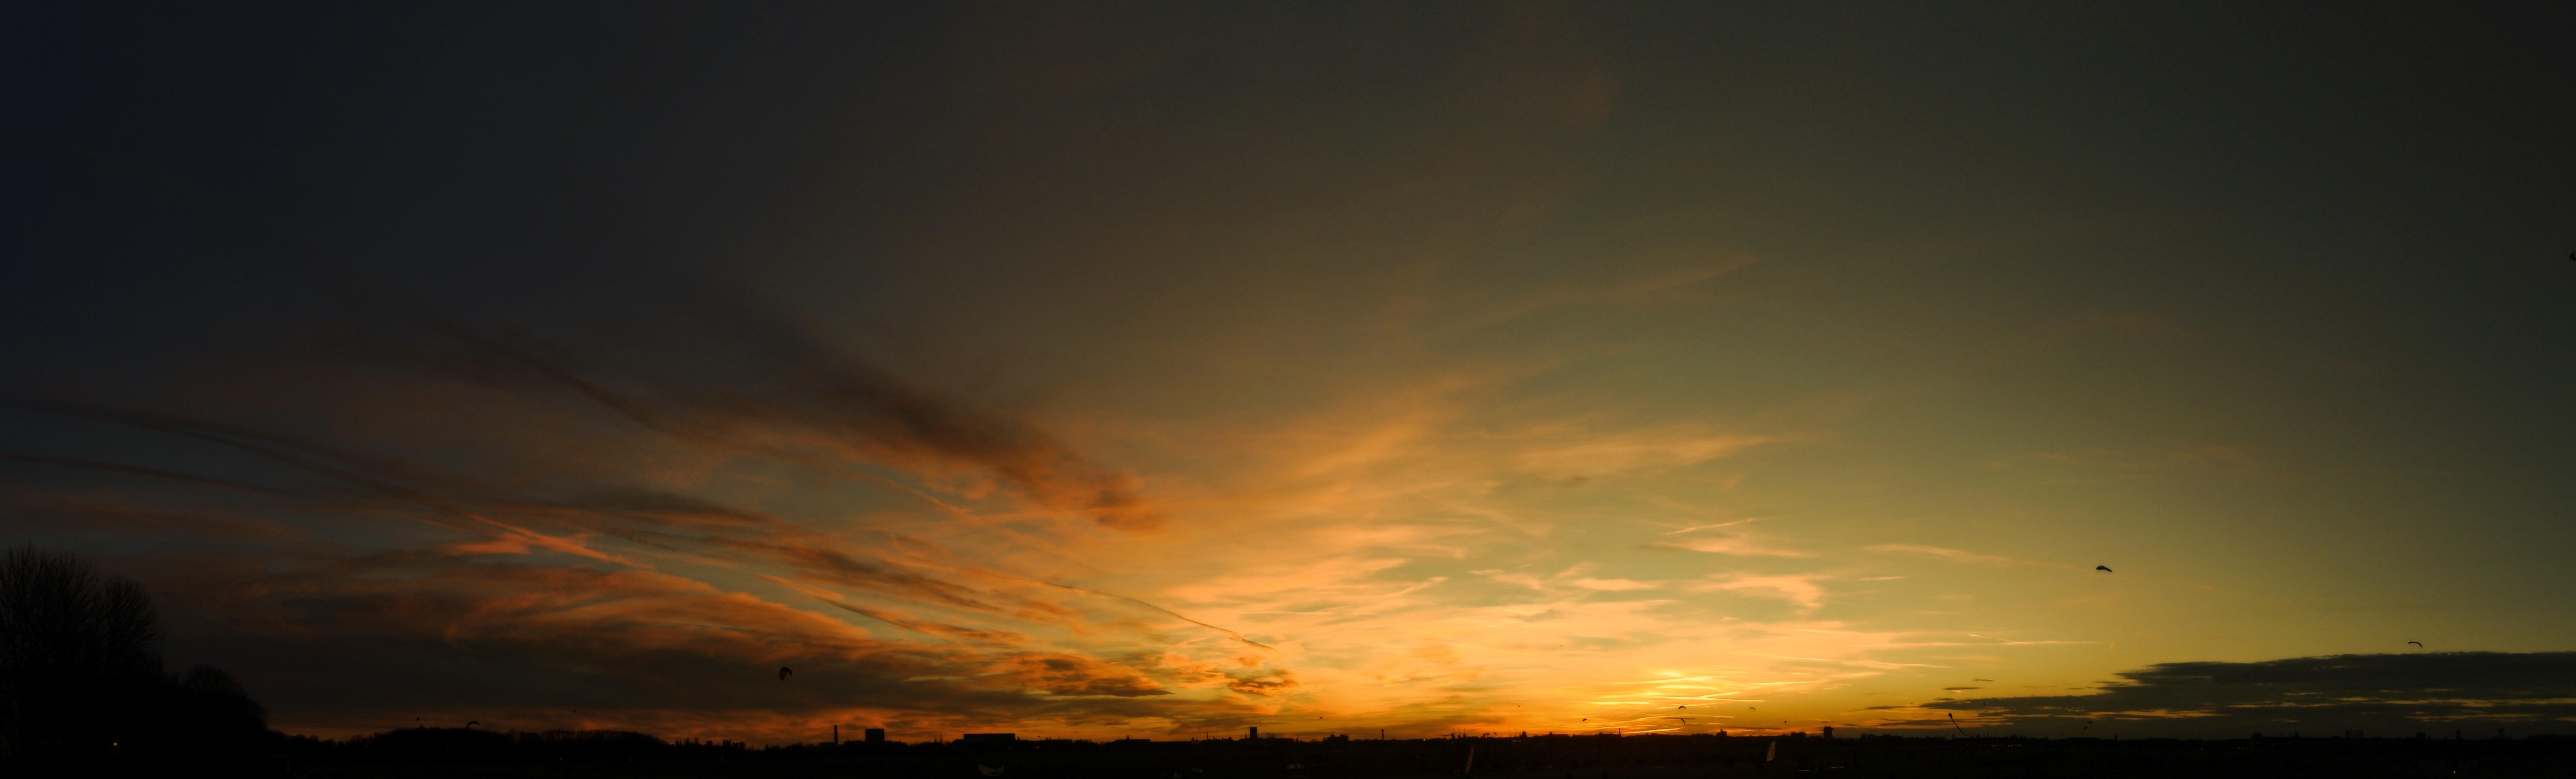 Sonnenuntergang Tempelhofer Feld Panorama